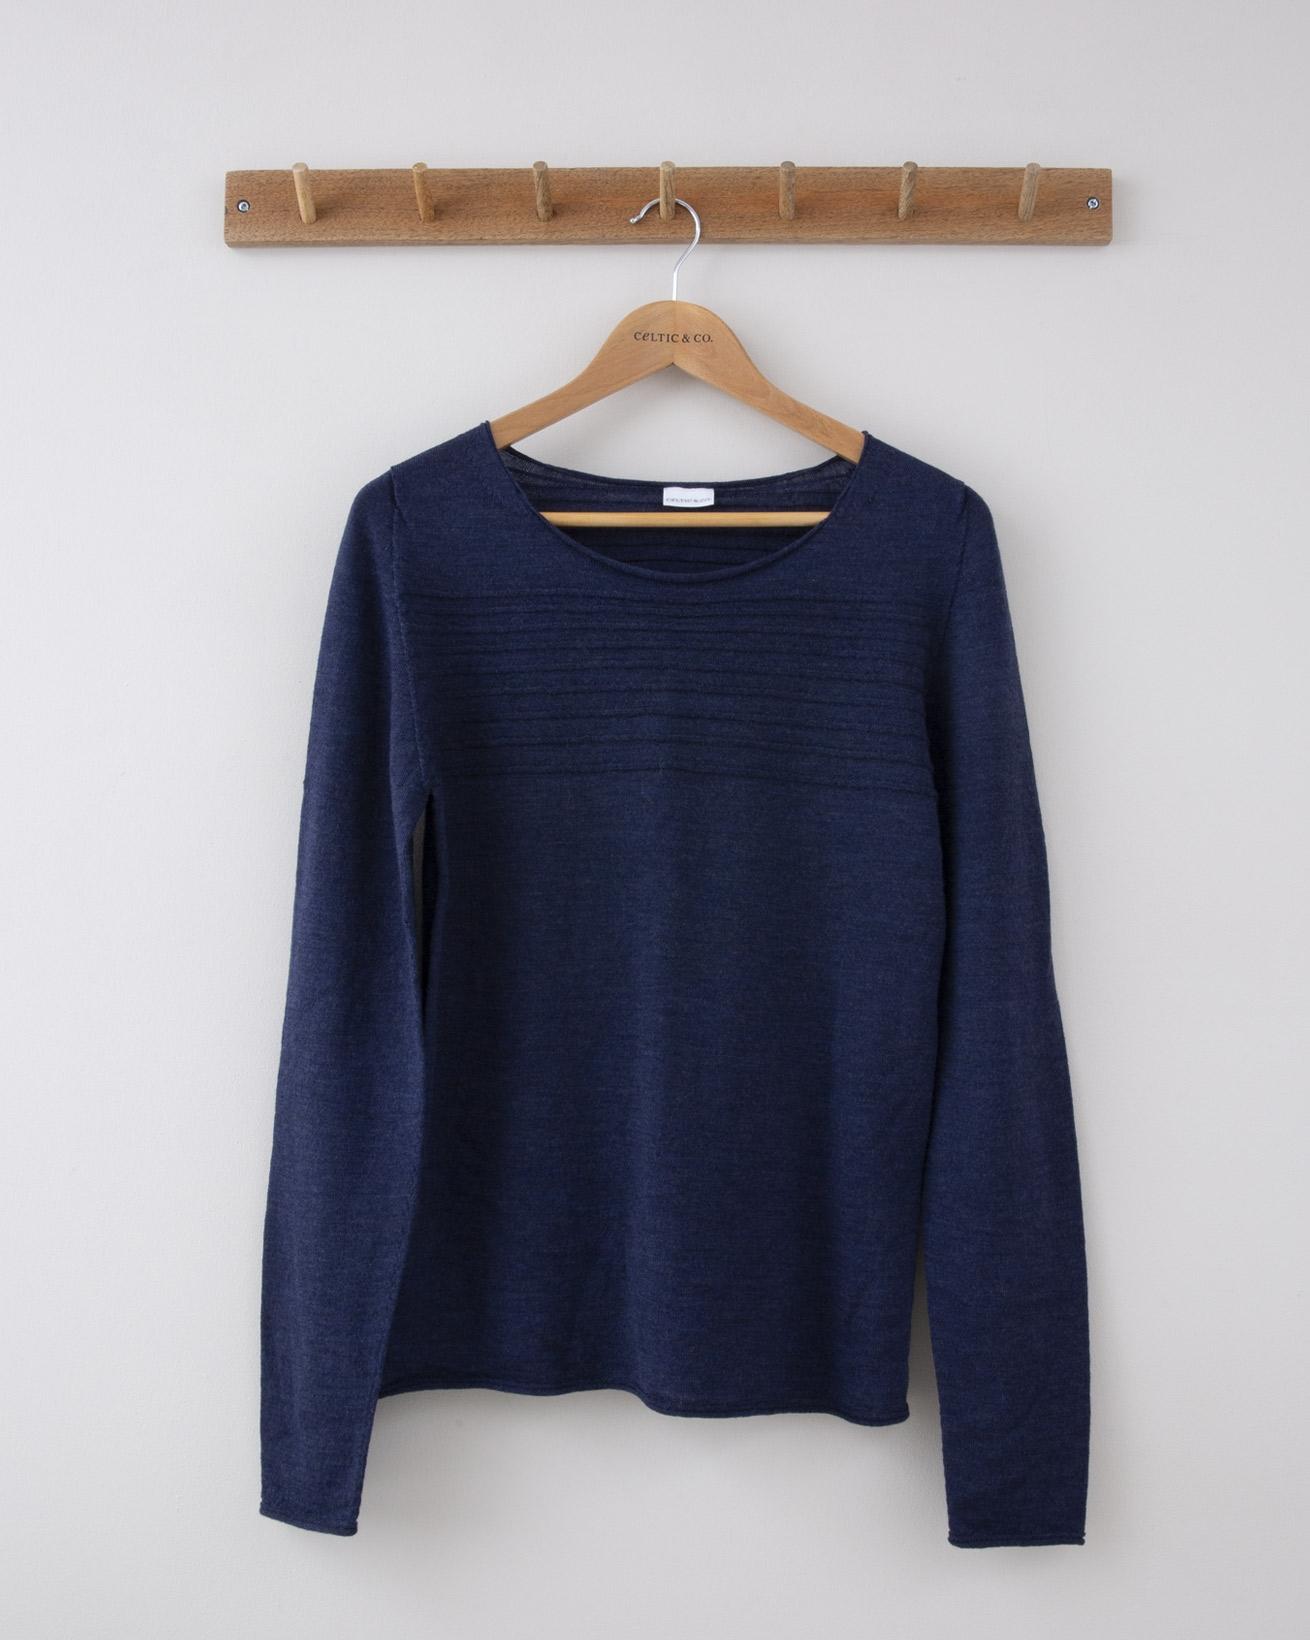 Fine Knit Merino Crew Neck - Small - Indigo Purl Stripe - 1275